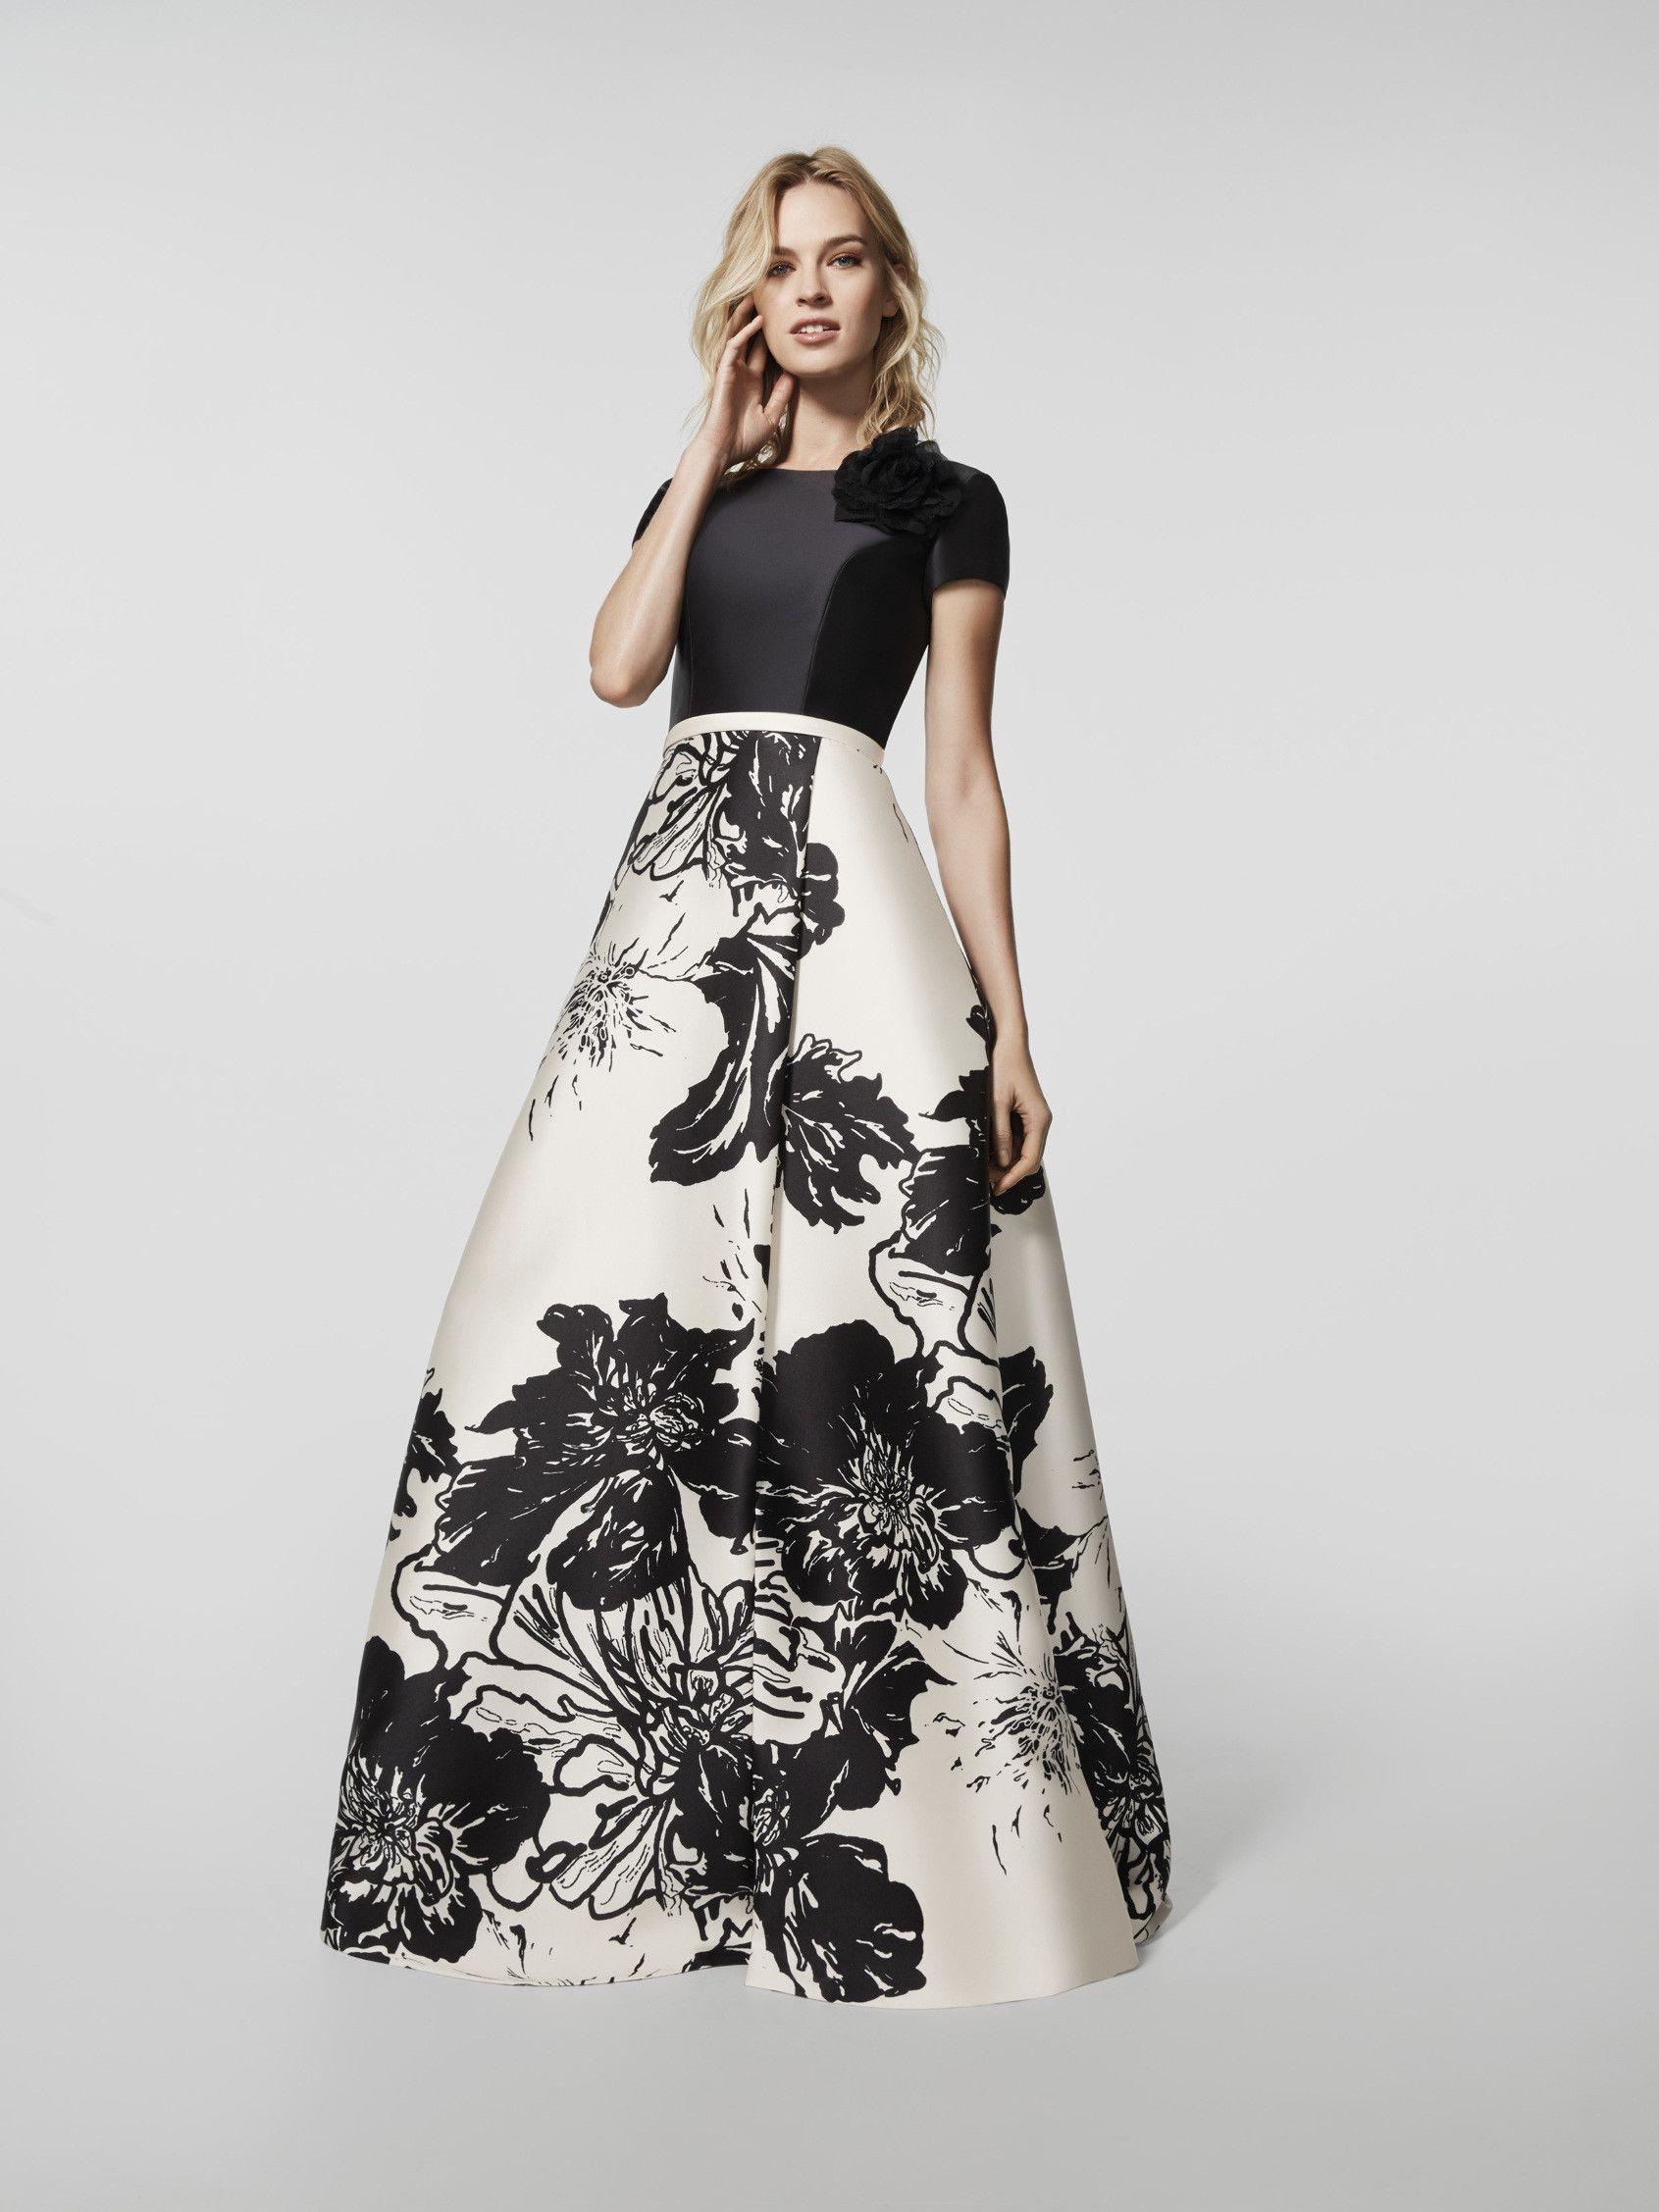 Auf der Suche nach einem Abendkleid? Langes Kleid mit buntem Muster ...